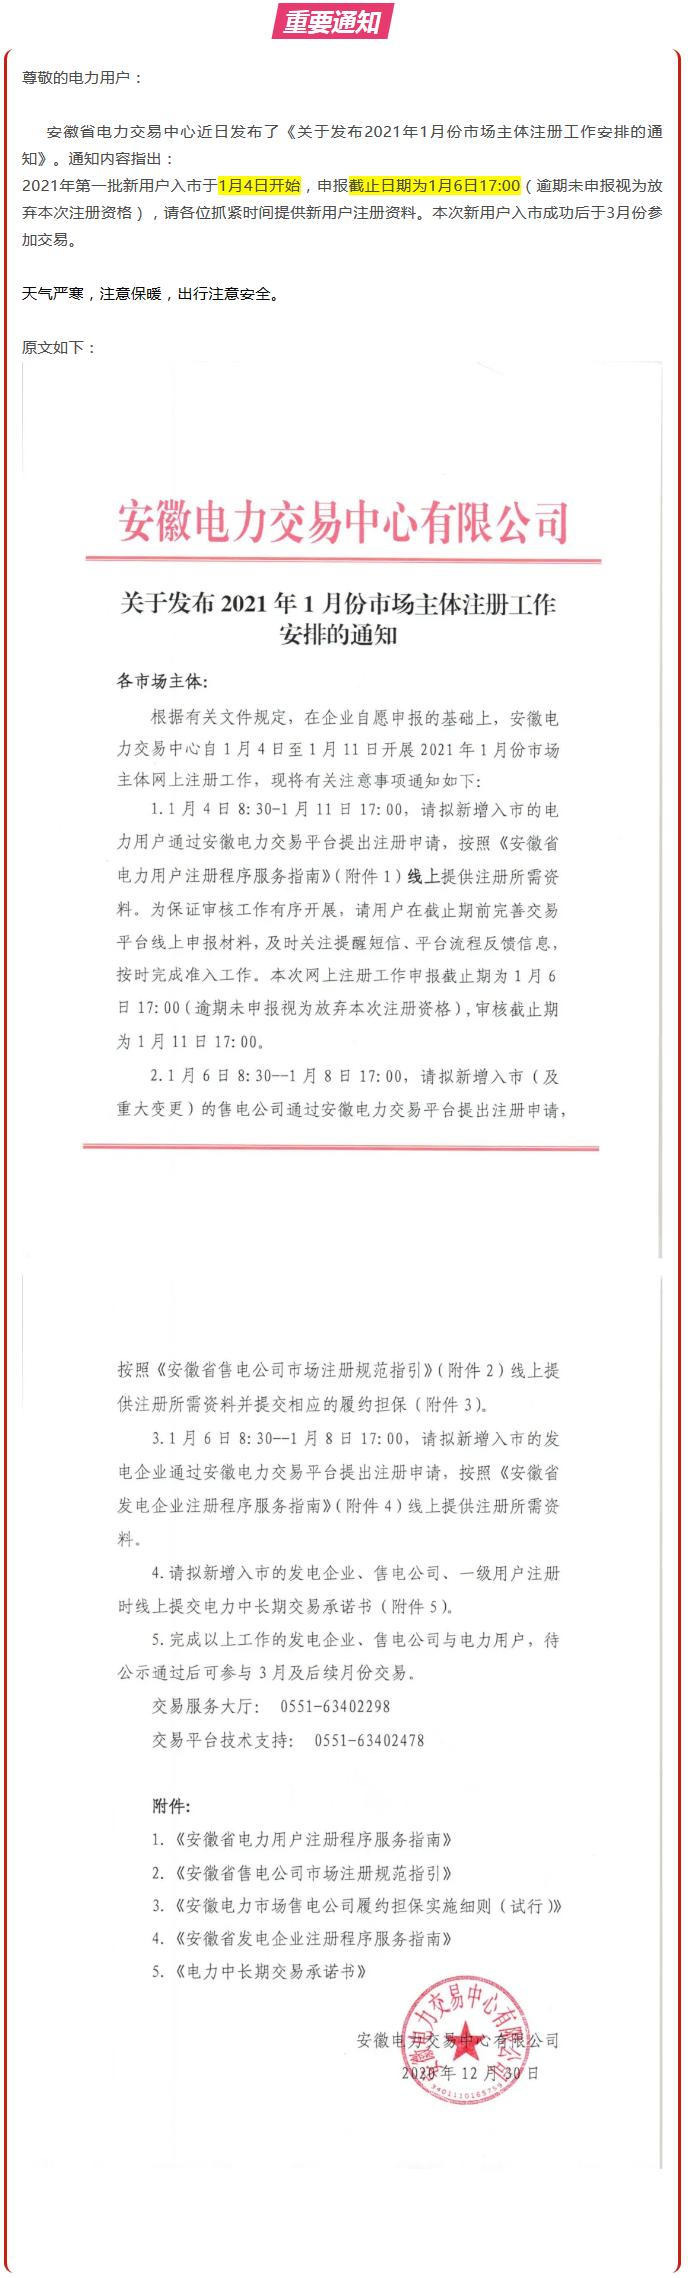 火狐截图_2021-01-04T02-38-59.968Z.png